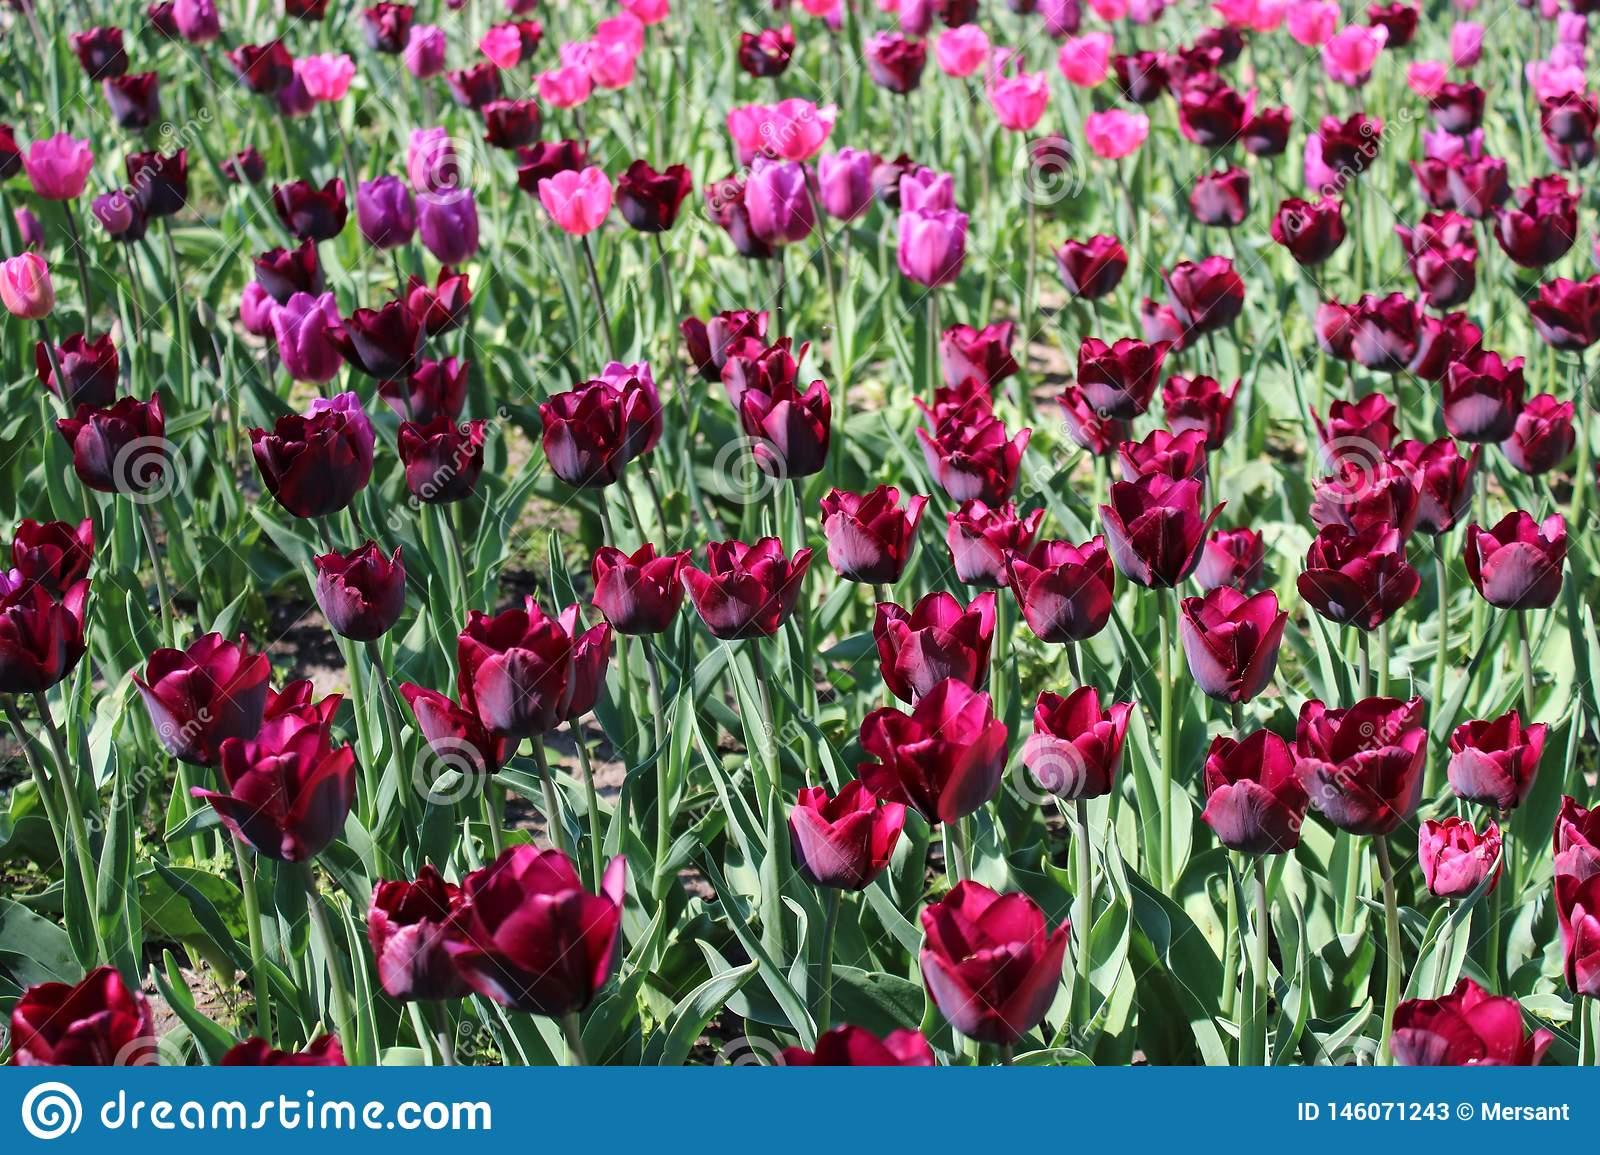 Тюльпаны: выращивание и уход. цветы тюльпаны - фото